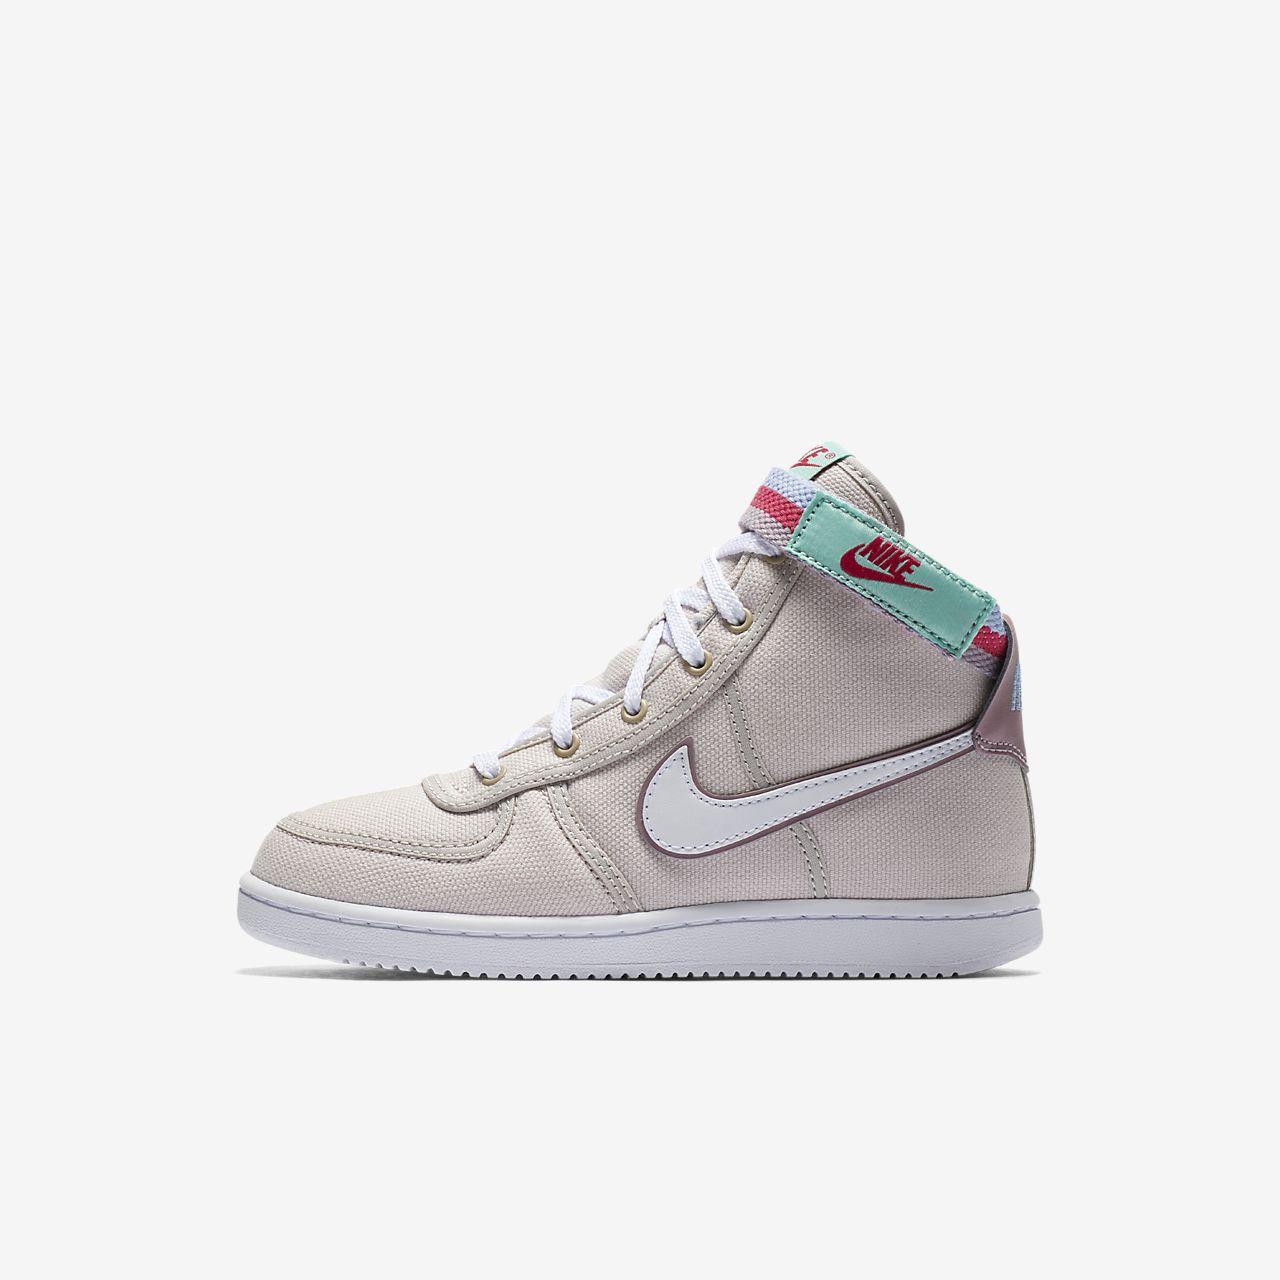 Nike Vandal High-Top Sneakers Gr. US 10.5 J7Wcs